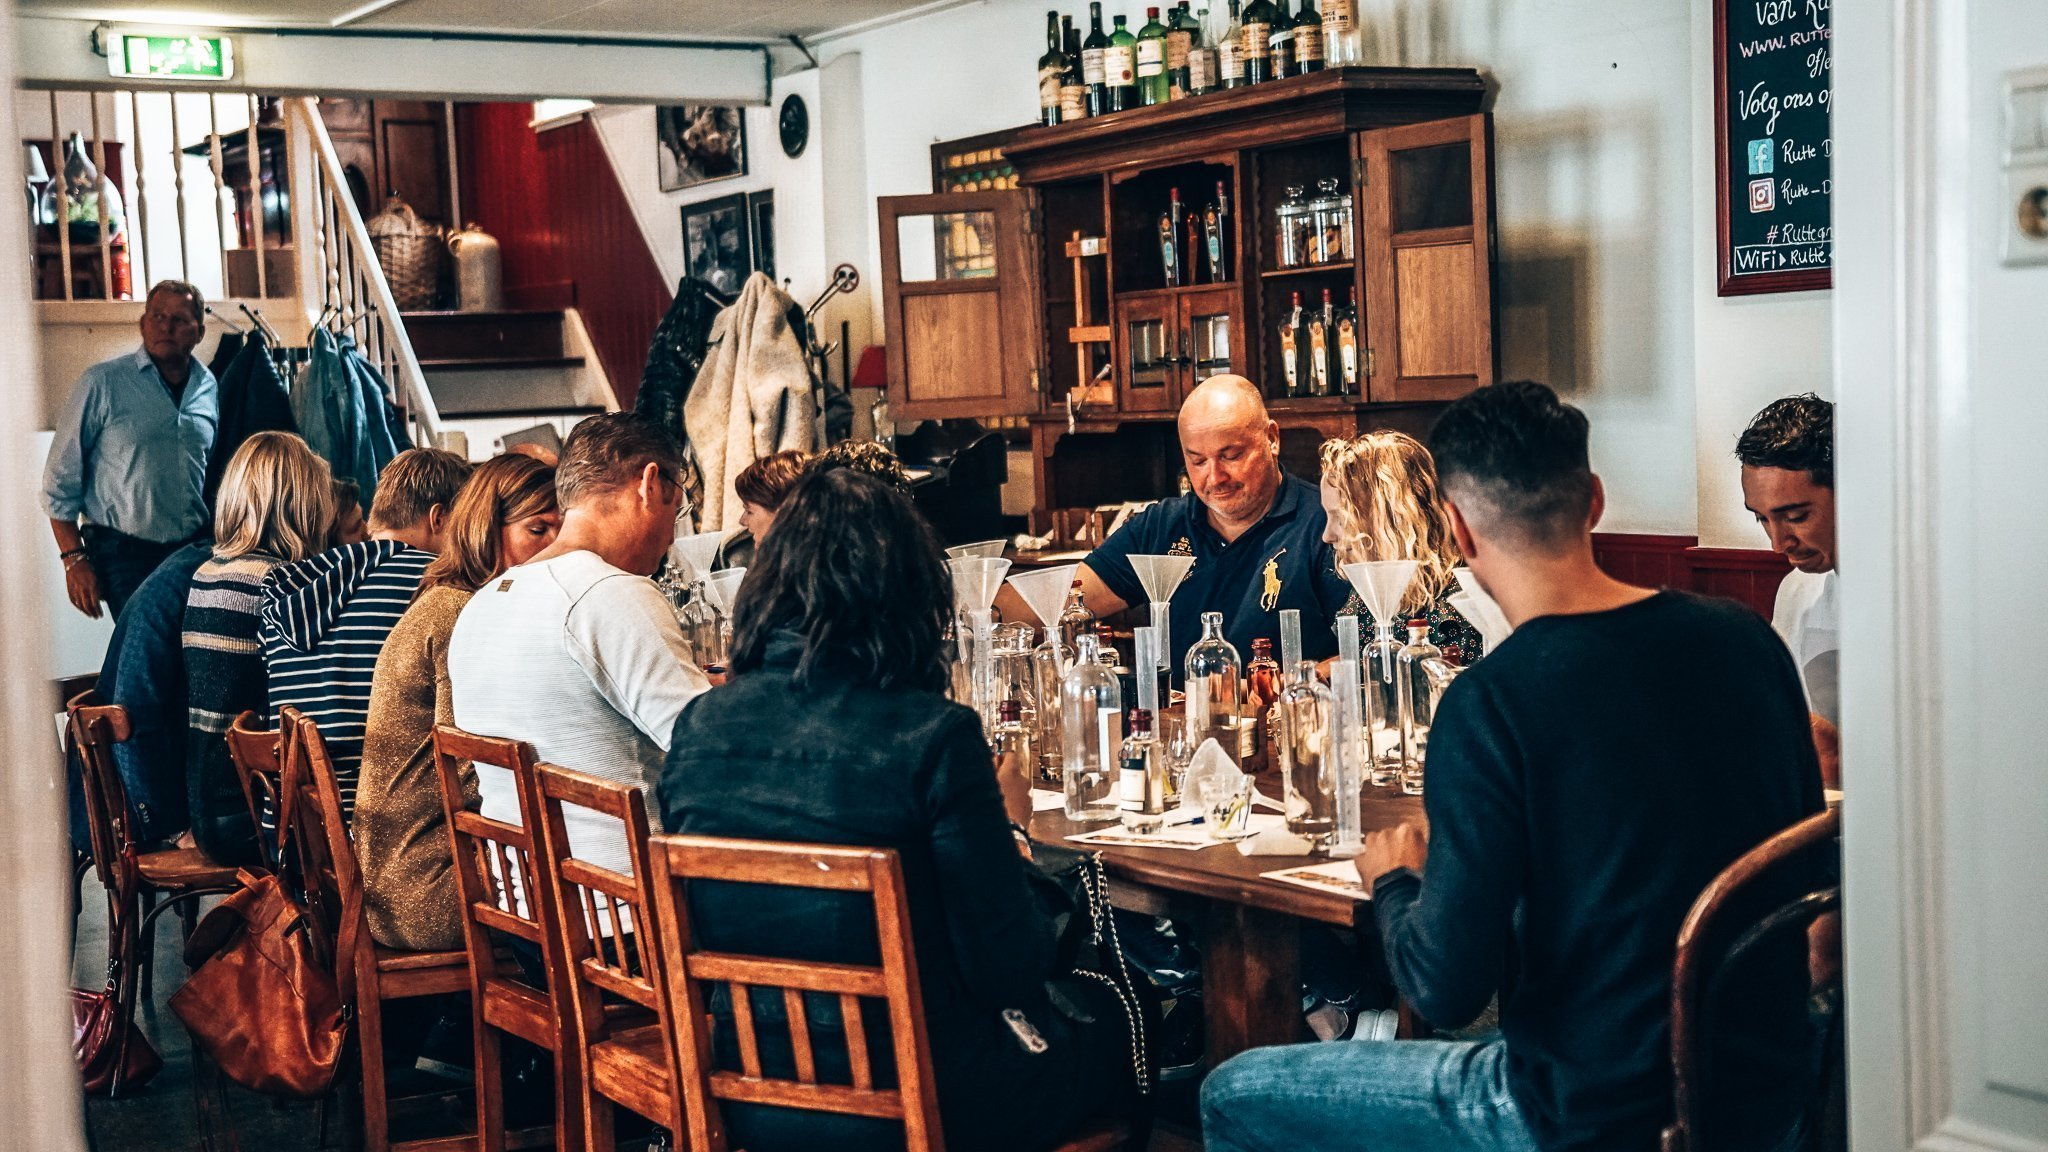 Experimenteren met smaken, workshop gin maken, Distilleerderij Rutte, Alles over gin.